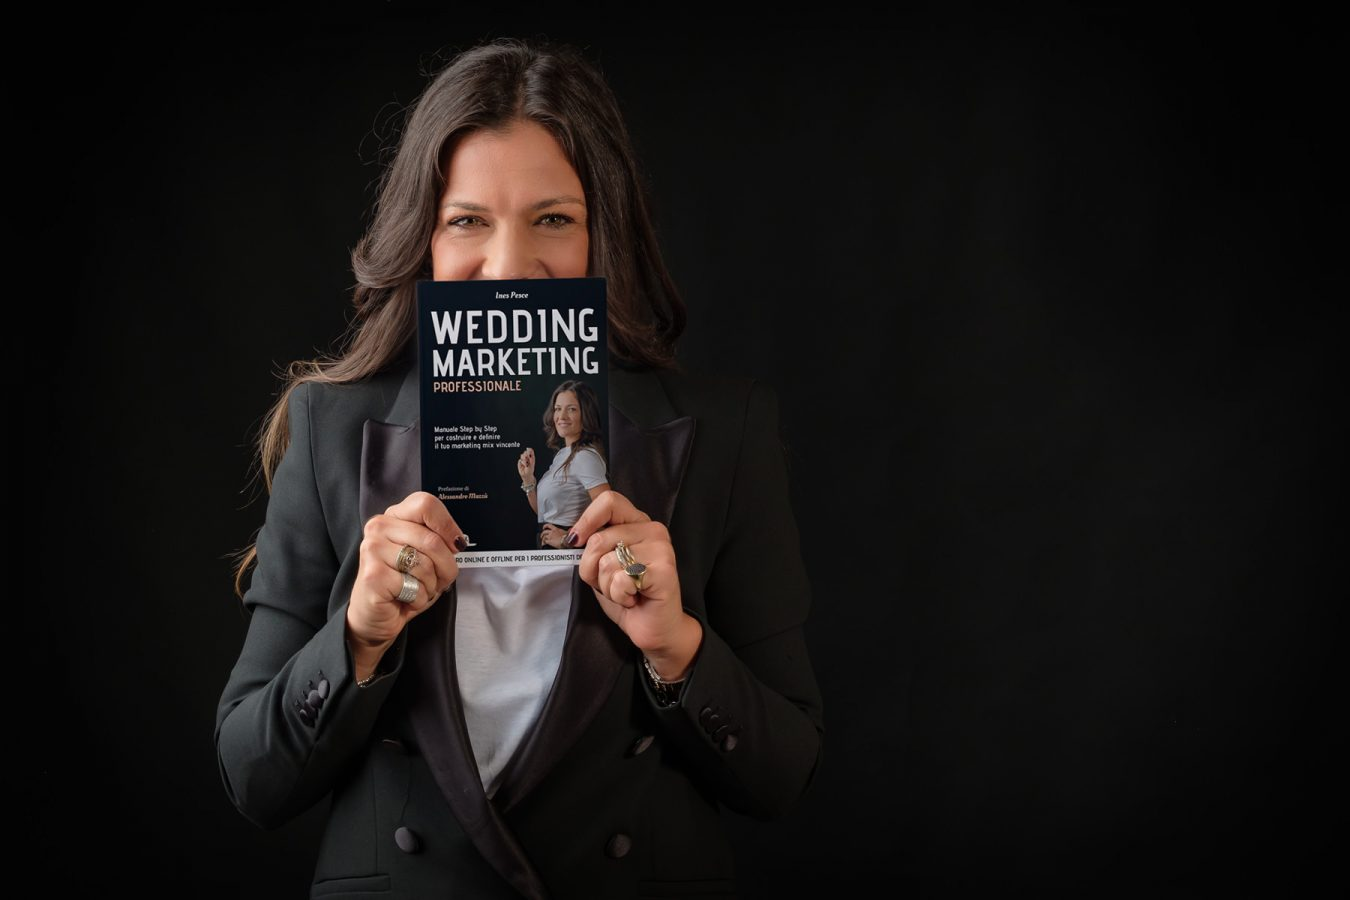 Ines Pesce fotografata da Pino Coduti per la copertina del suo nuovo libro